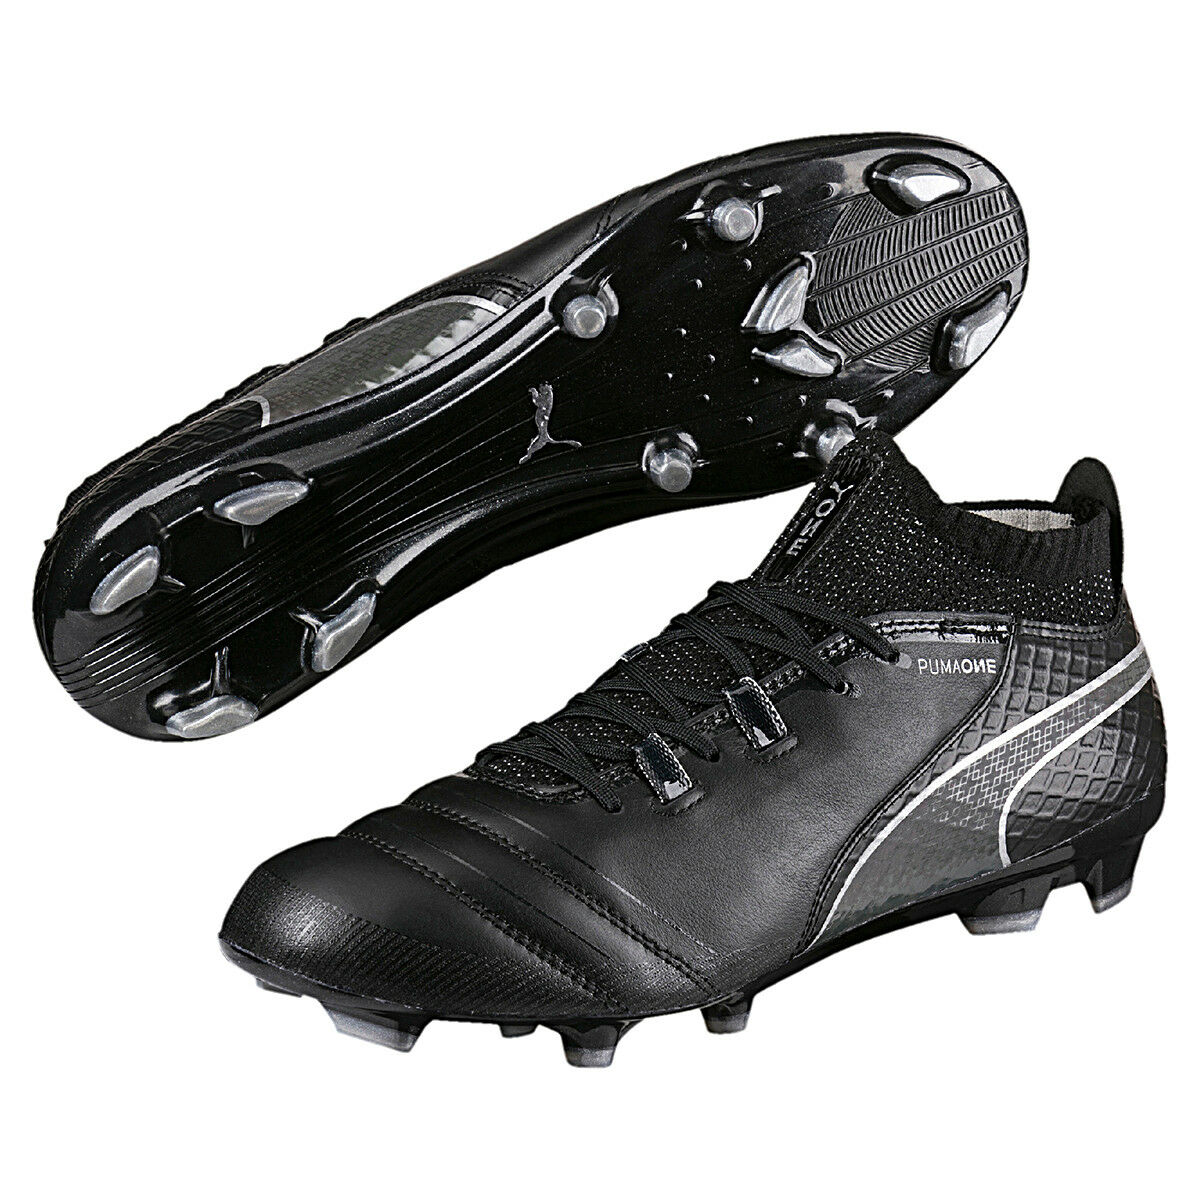 Puma ONE 17.1 FG Uomo Calcio avvio in pelle nera 104062 05